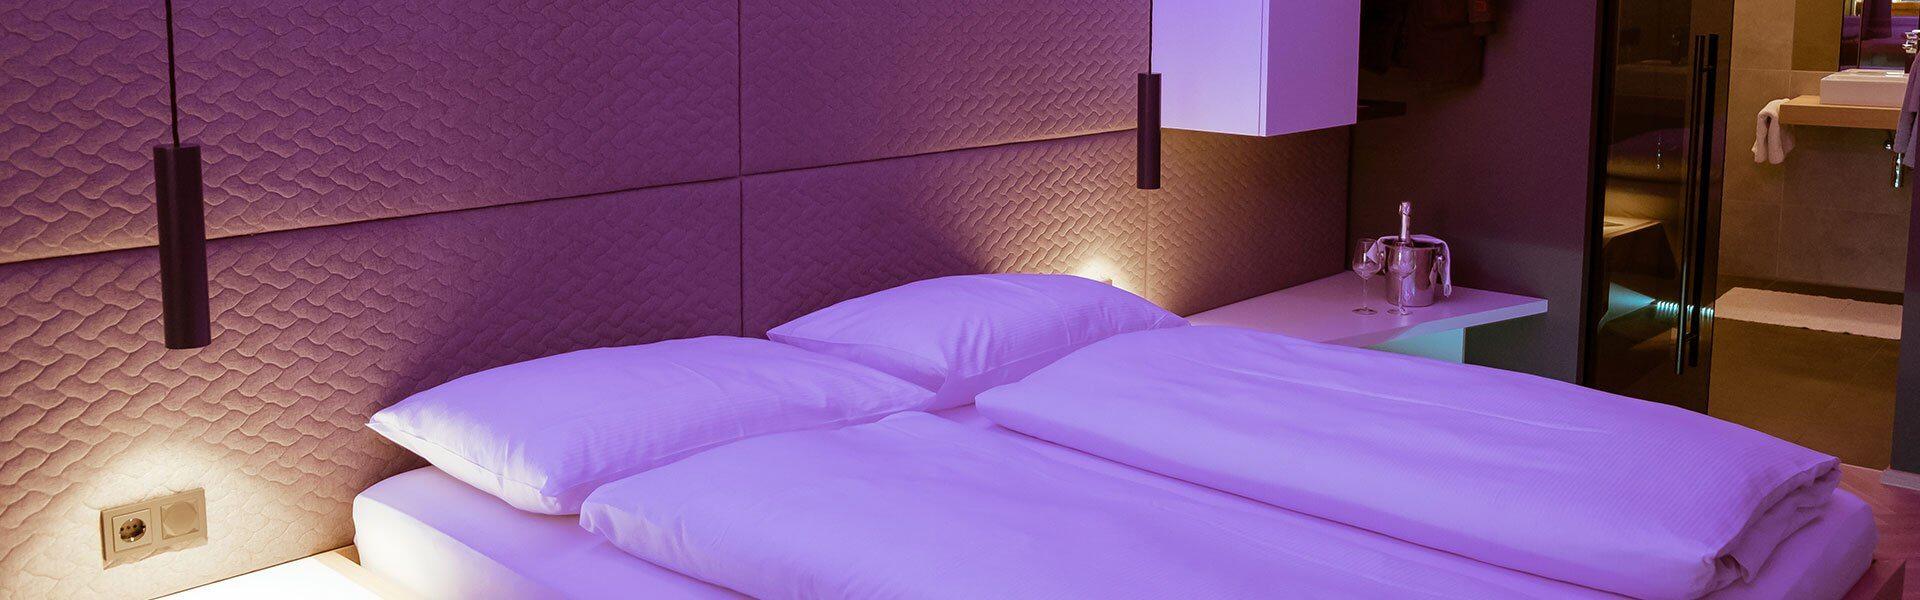 domotica hotel